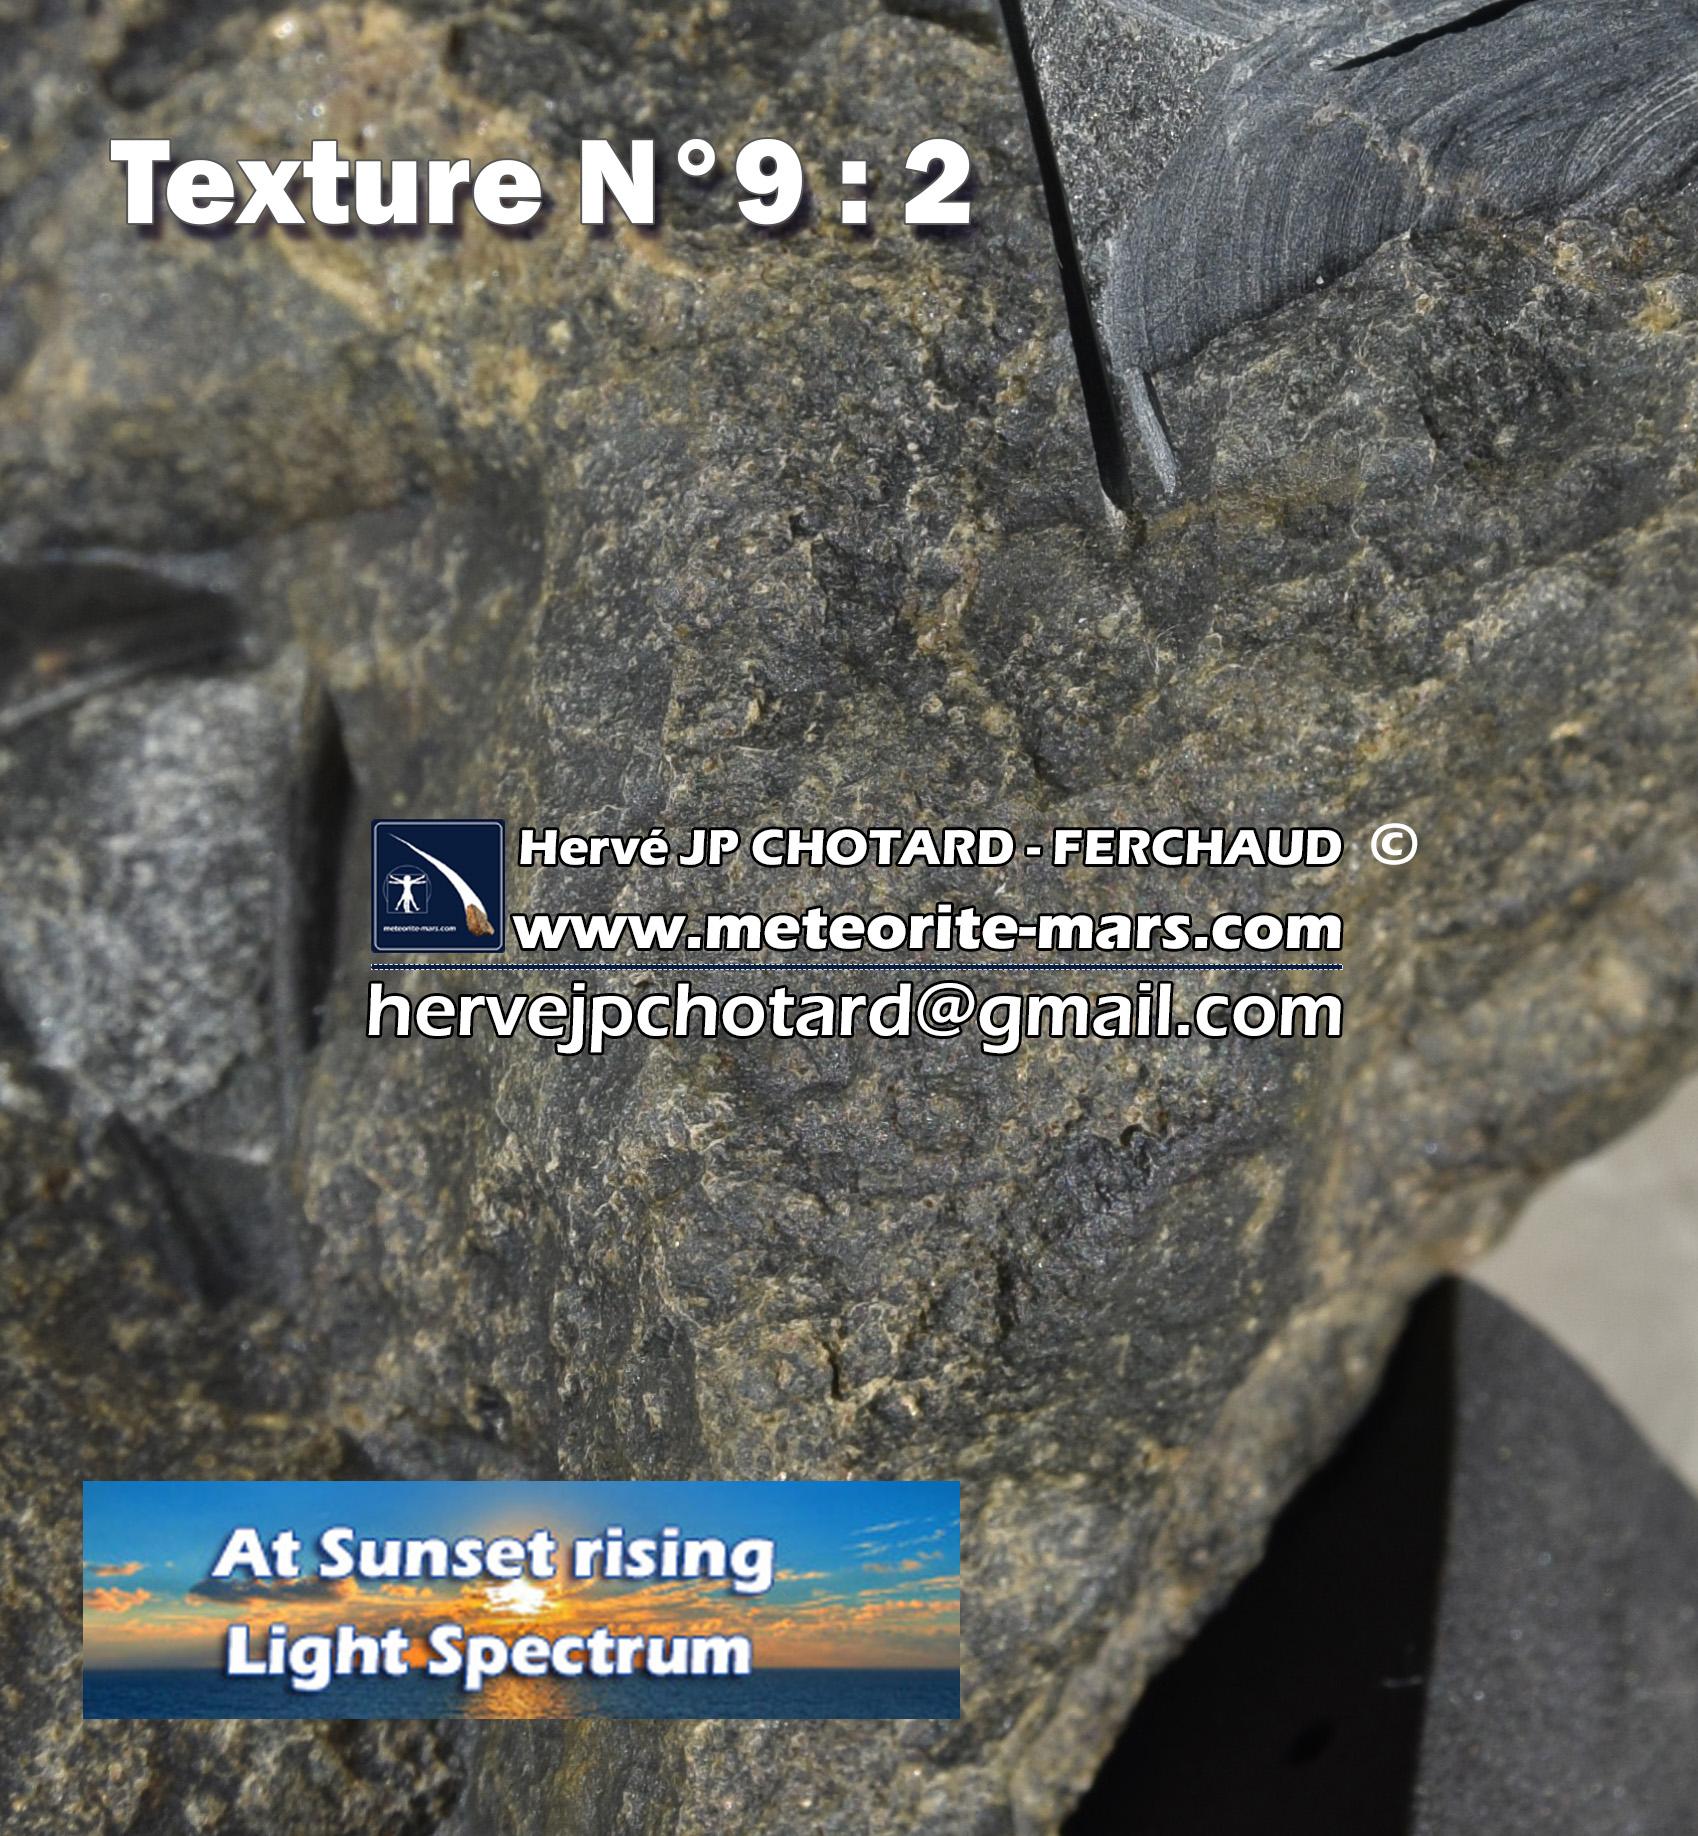 TextureN 9-2 www.meteorite-mars.com